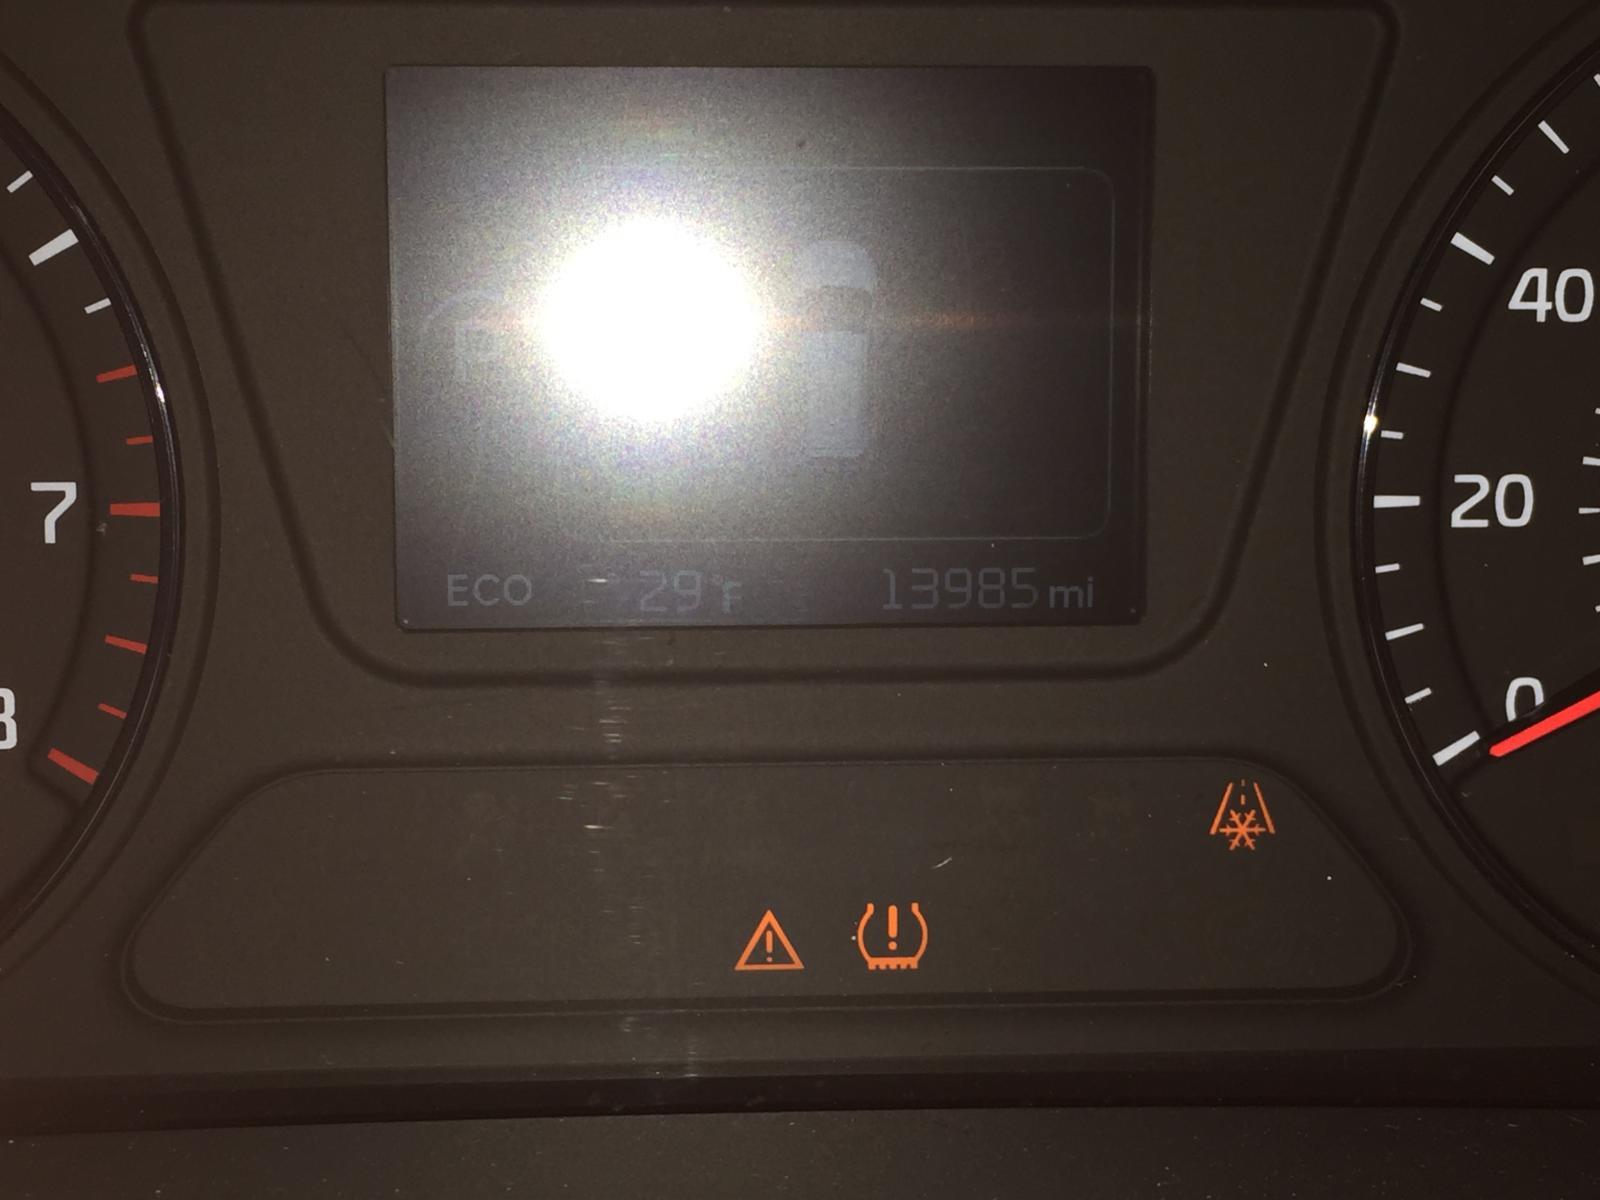 Kia Dashboard Warning Lights - Bing images